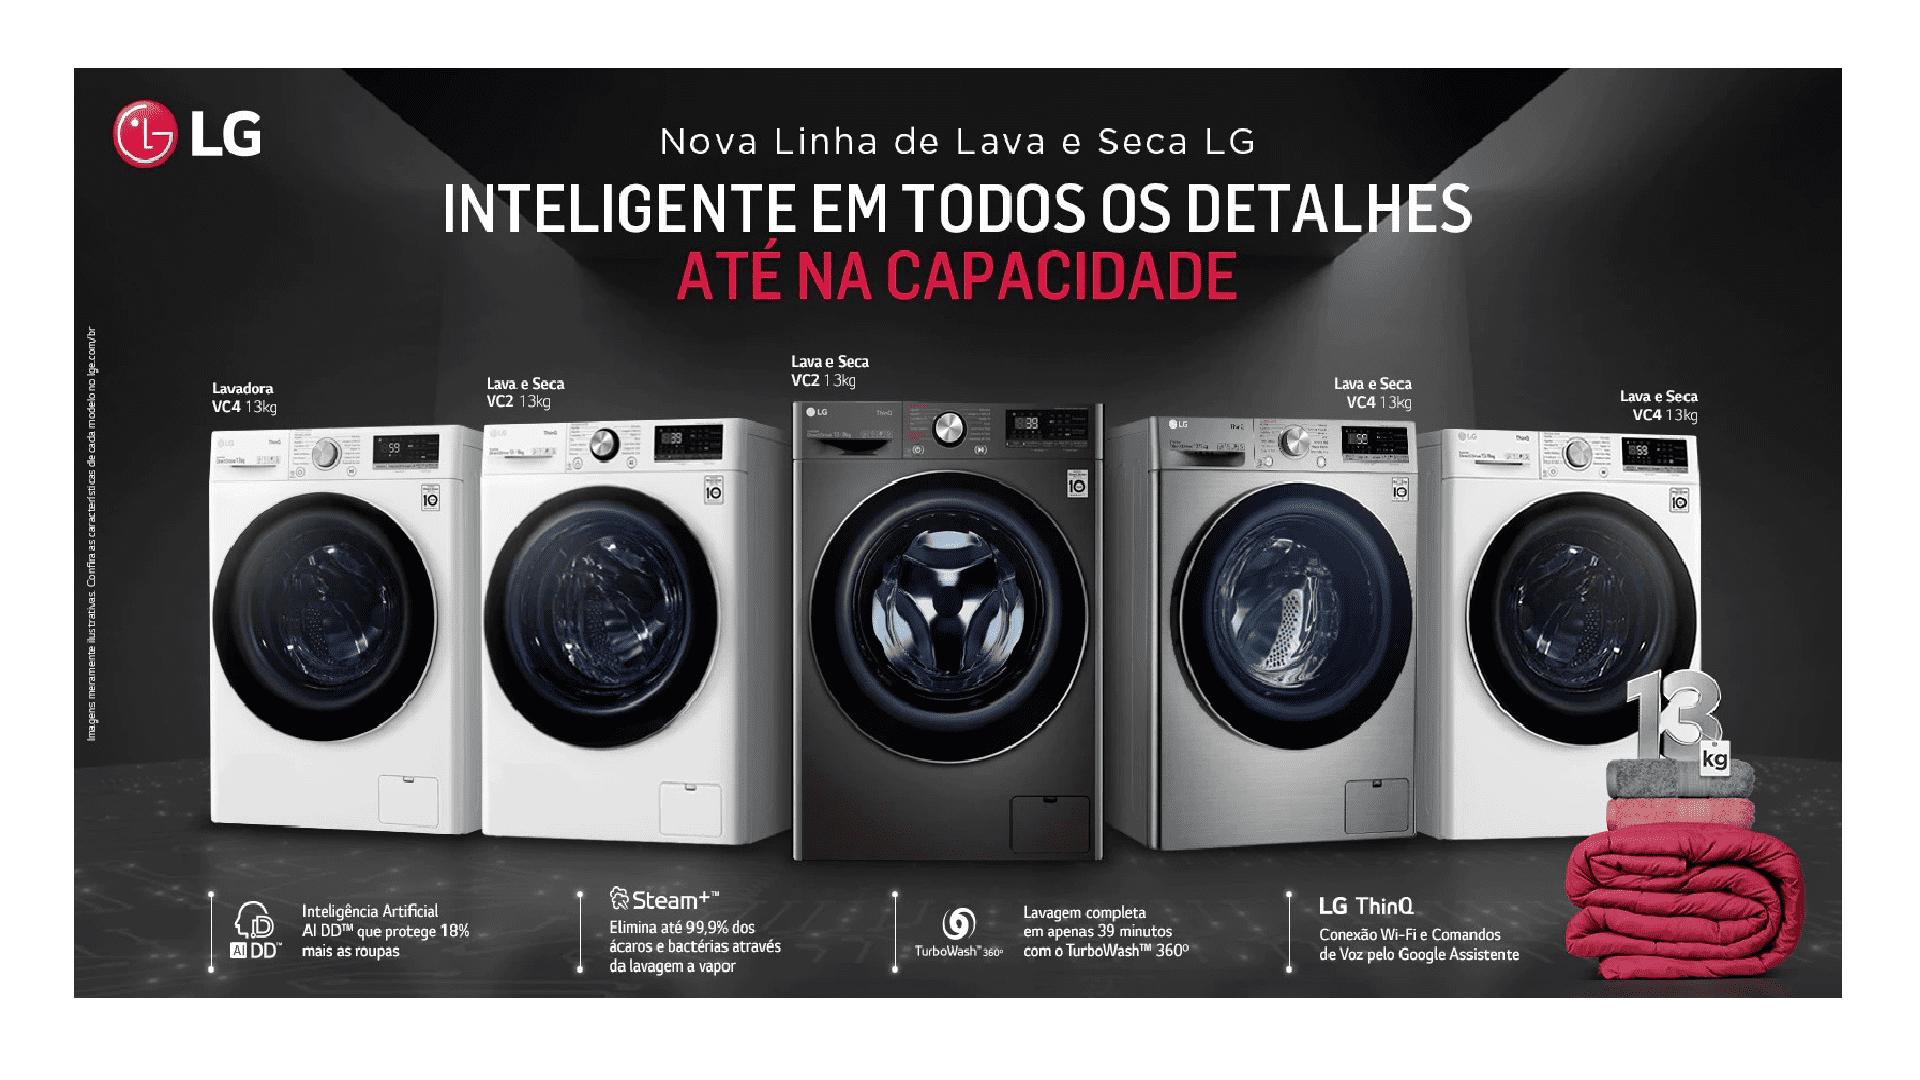 Conheça todos os detalhes da nova linha de Lava e Seca LG (Imagem: Divulgação/LG)